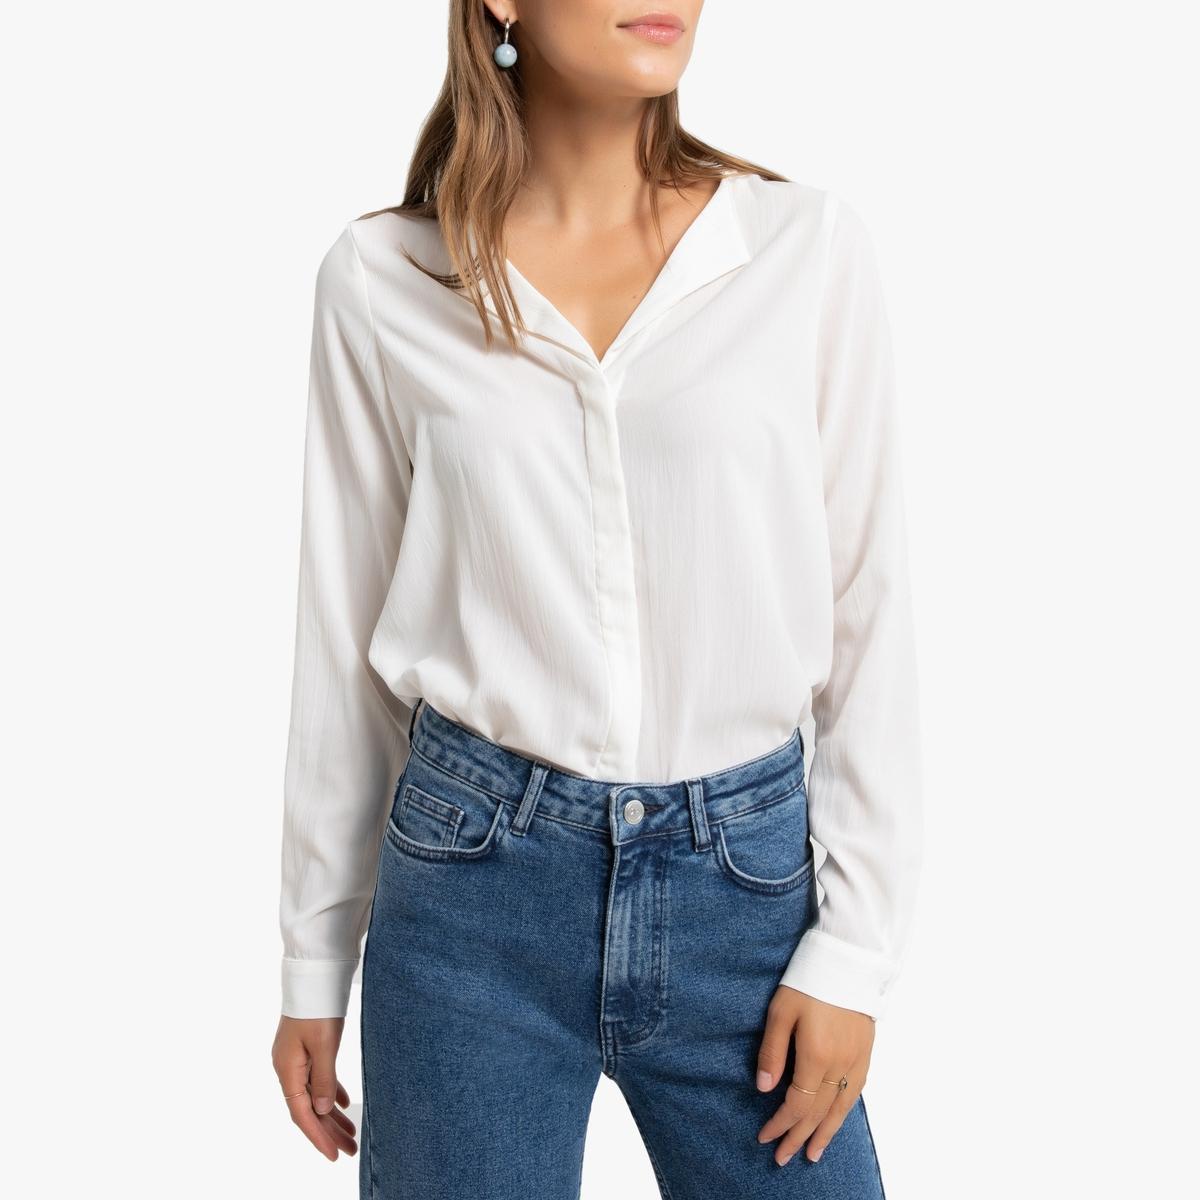 цена Блузка La Redoute С V-образным вырезом и длинными рукавами M белый онлайн в 2017 году